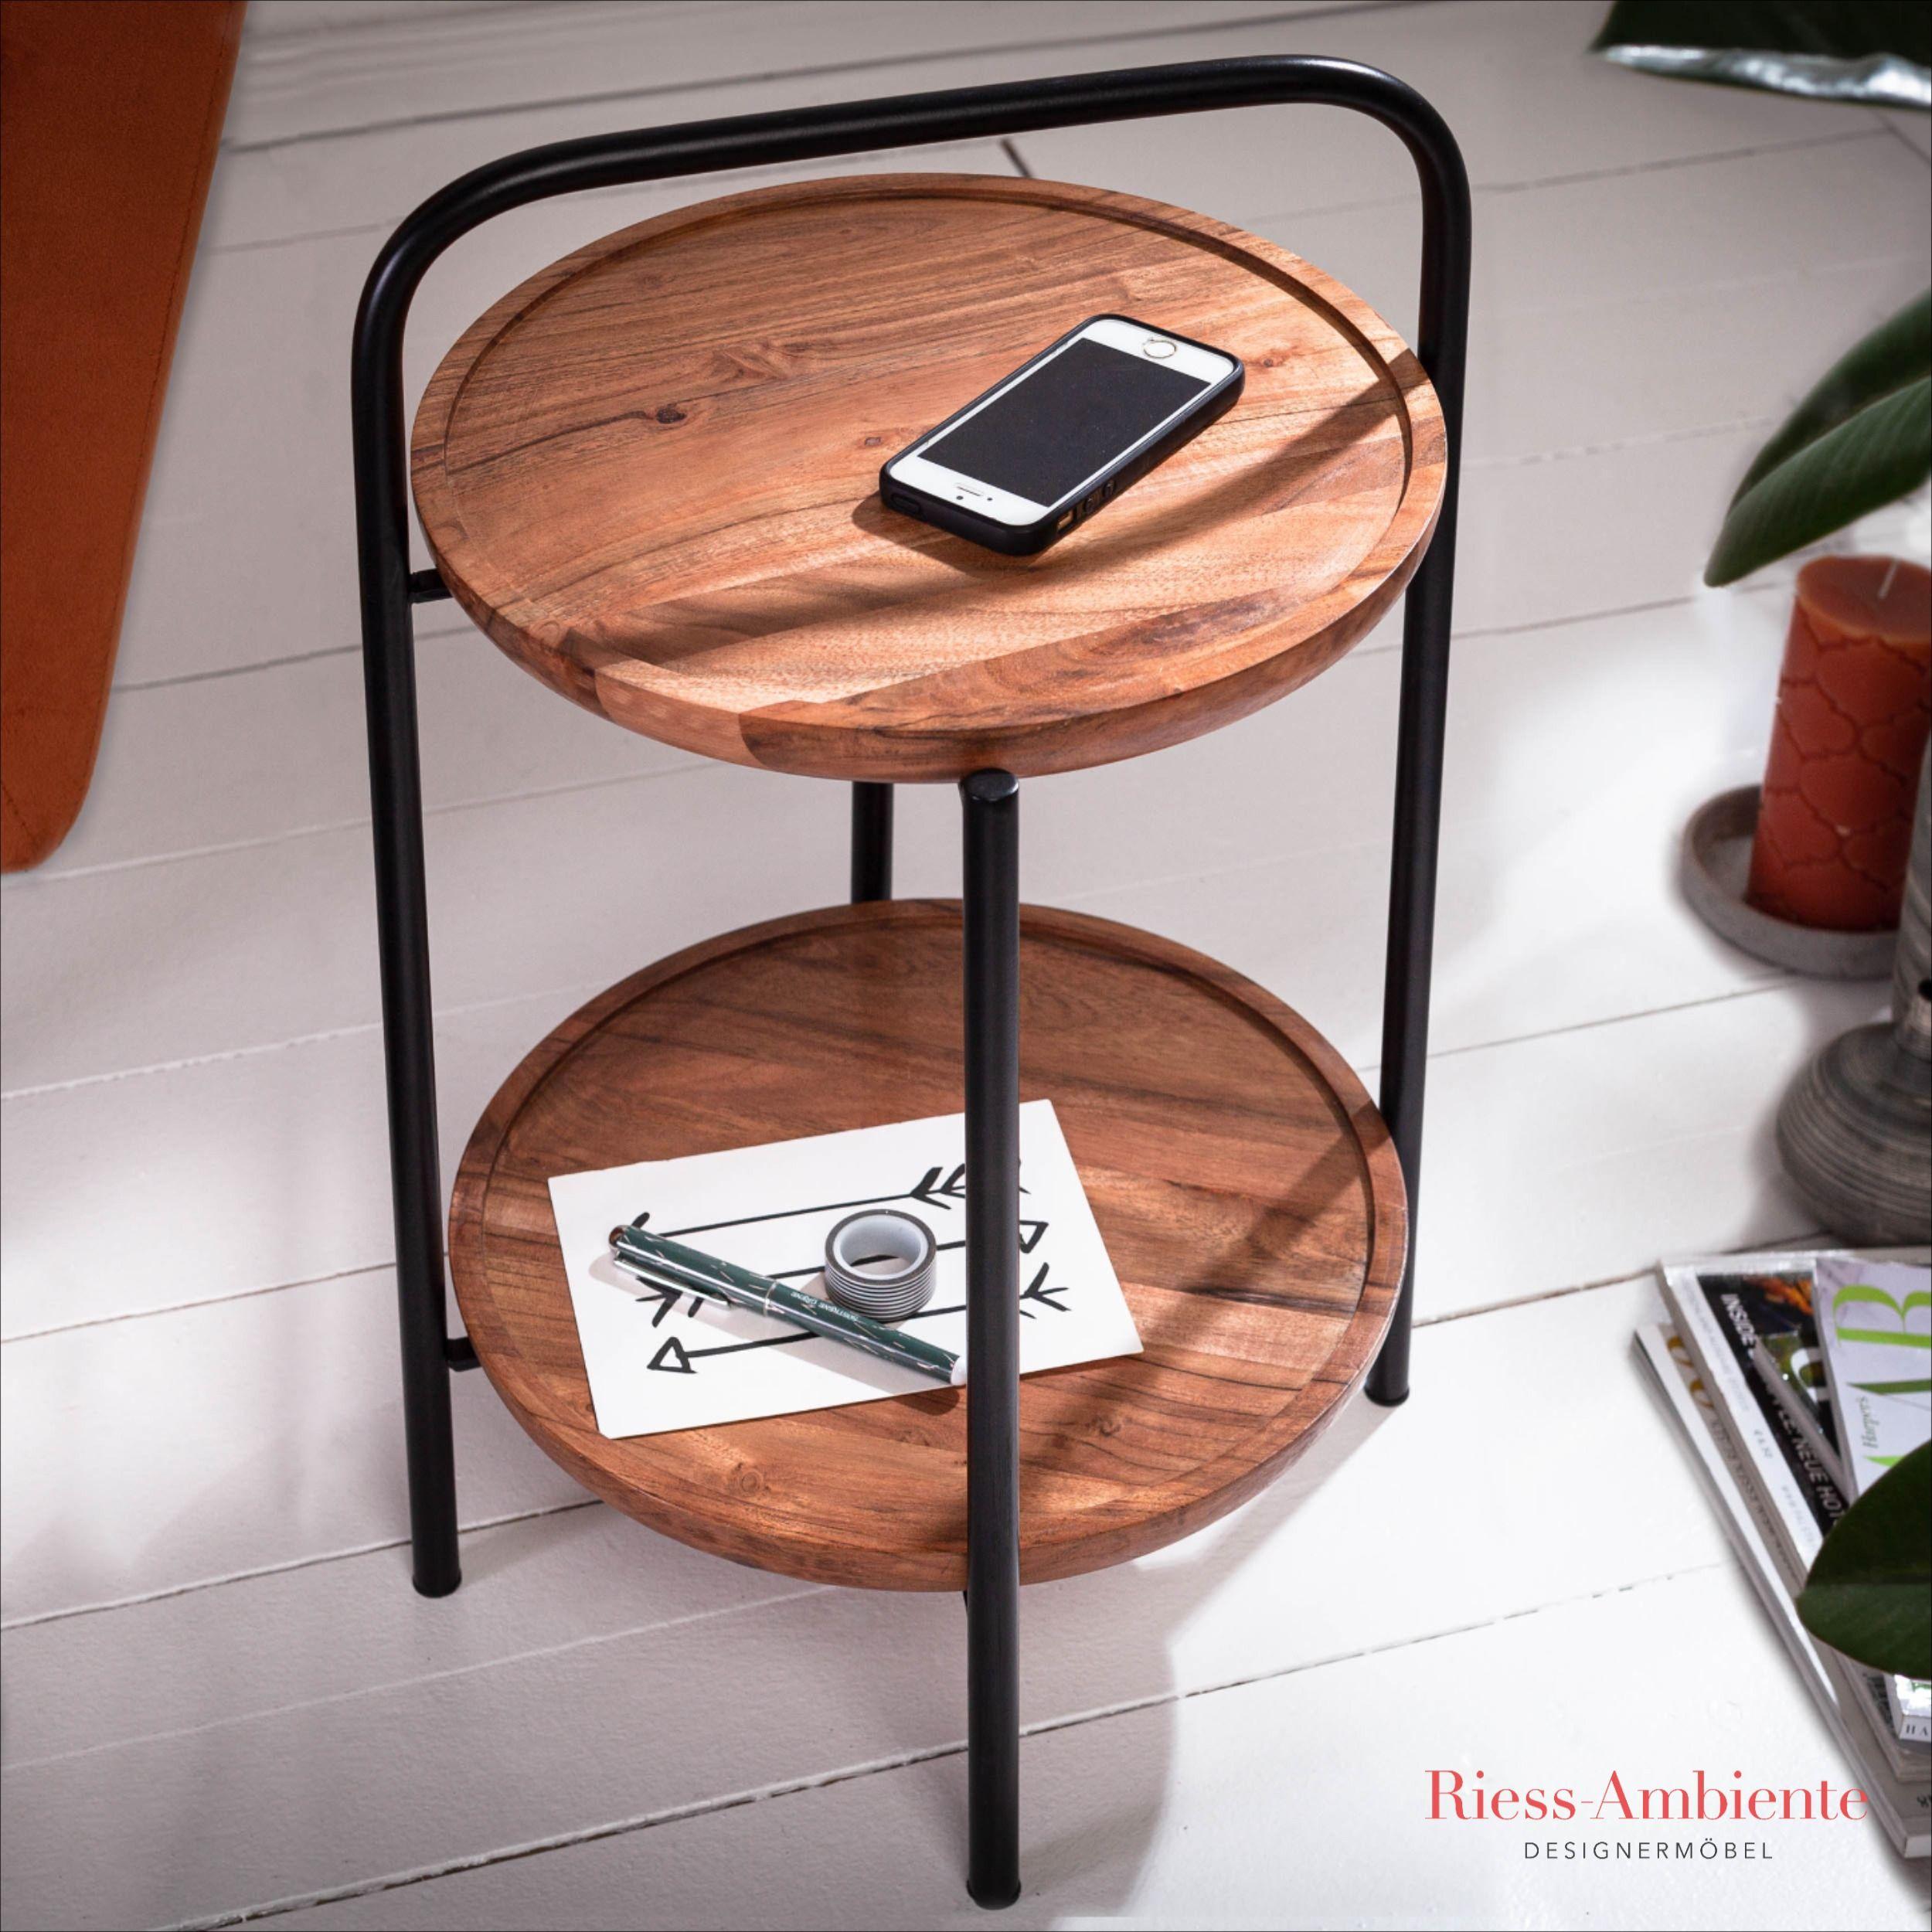 Retro Beistelltisch Aus Akazienholz Riess Ambiente De Tisch Couchtisch Rund Retro Möbel